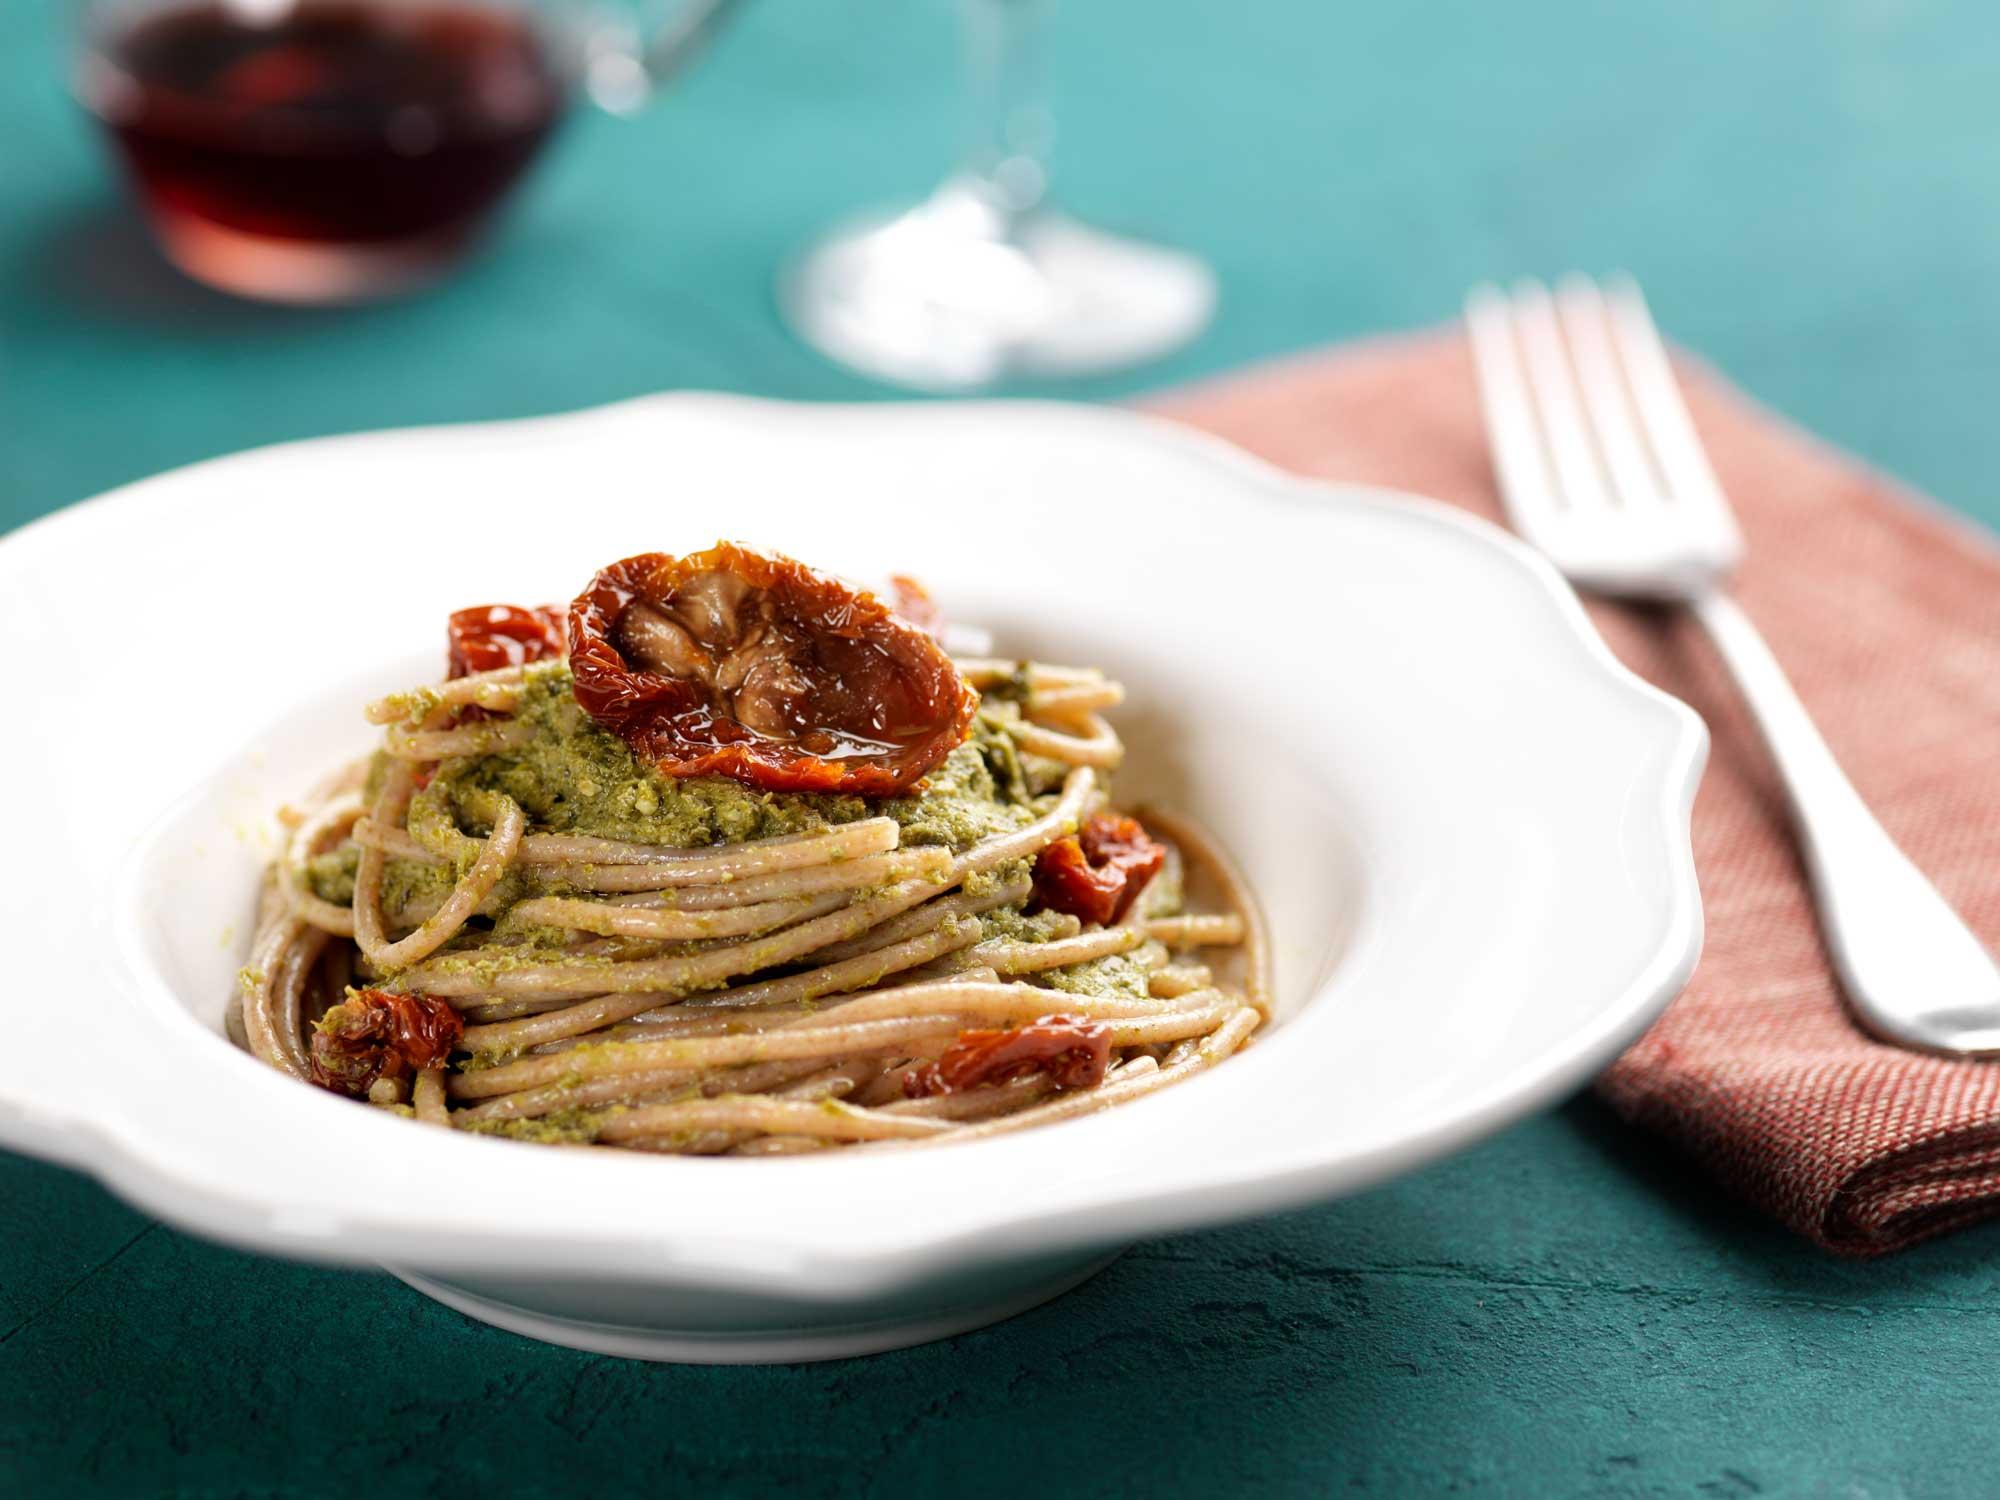 spaghetti con pomodori secchi e pesto al basilico